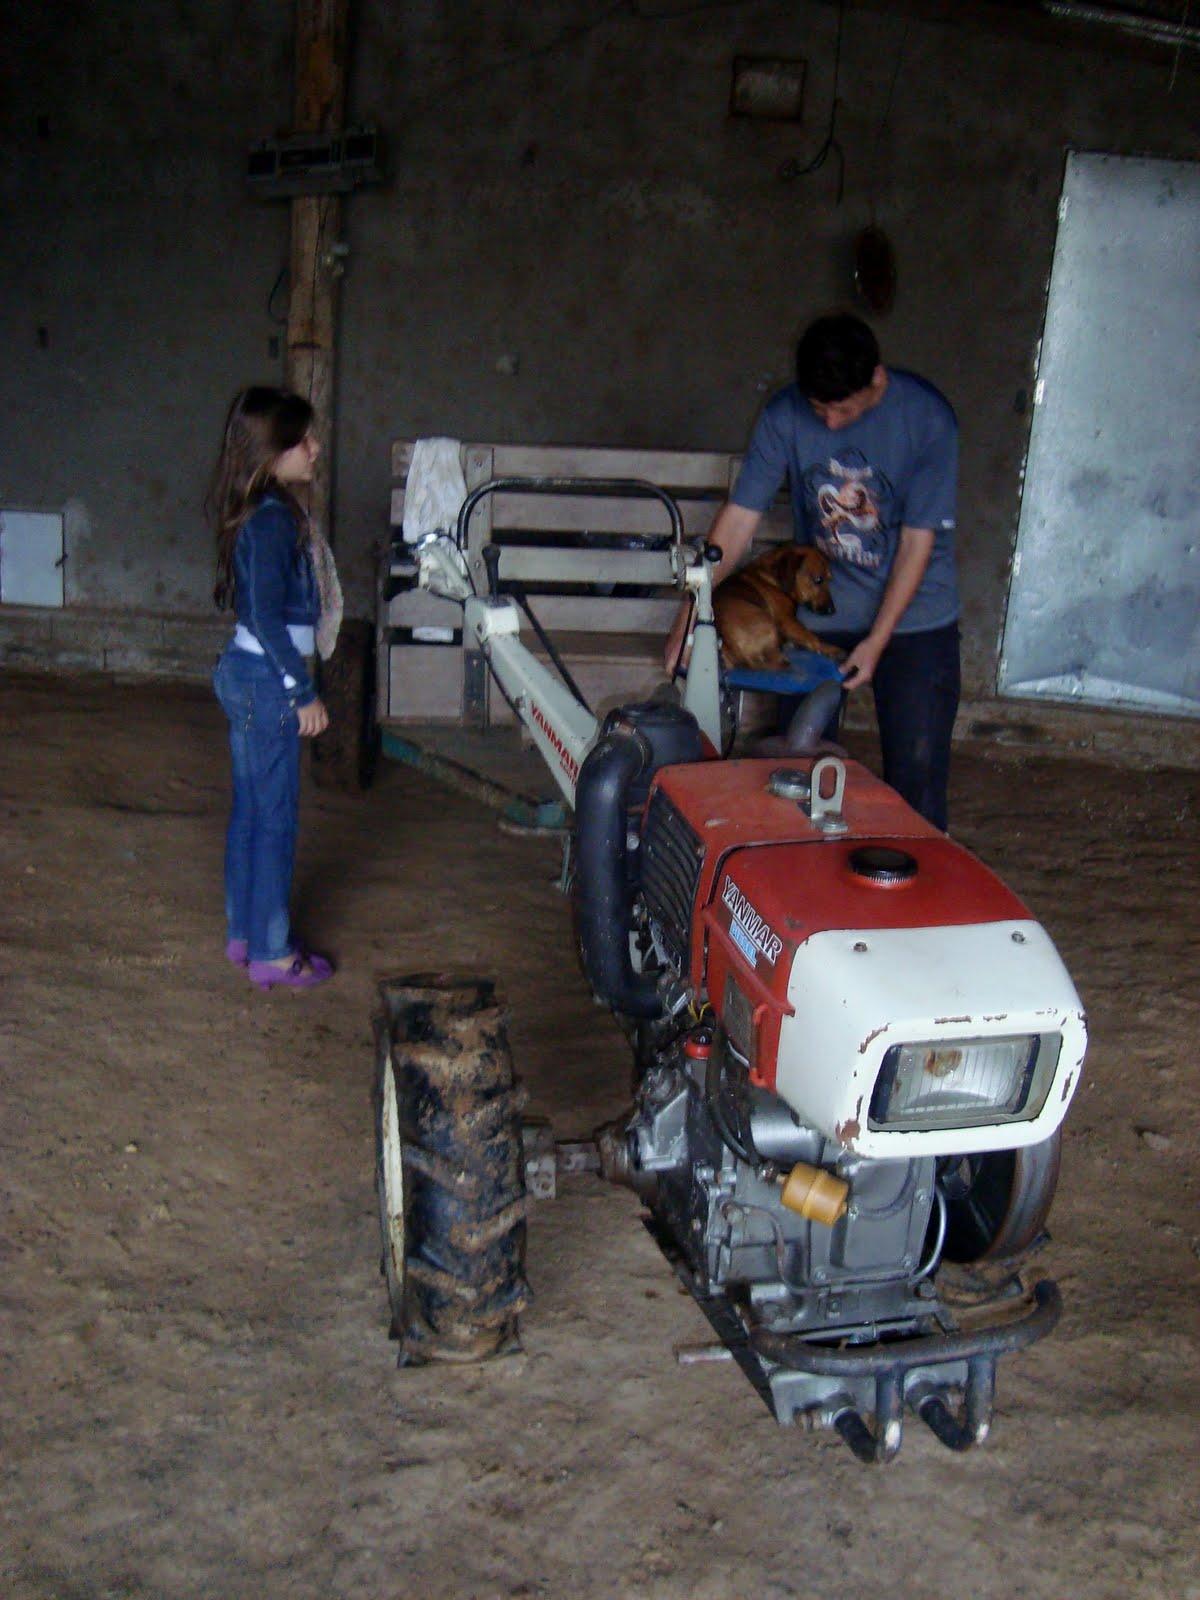 http://2.bp.blogspot.com/-ZpOhokmwtQc/TmKBu78i-AI/AAAAAAAABDs/35ce01INlgA/s1600/Vestido+da+Lara+-+Ituporanga+SC+015.JPG